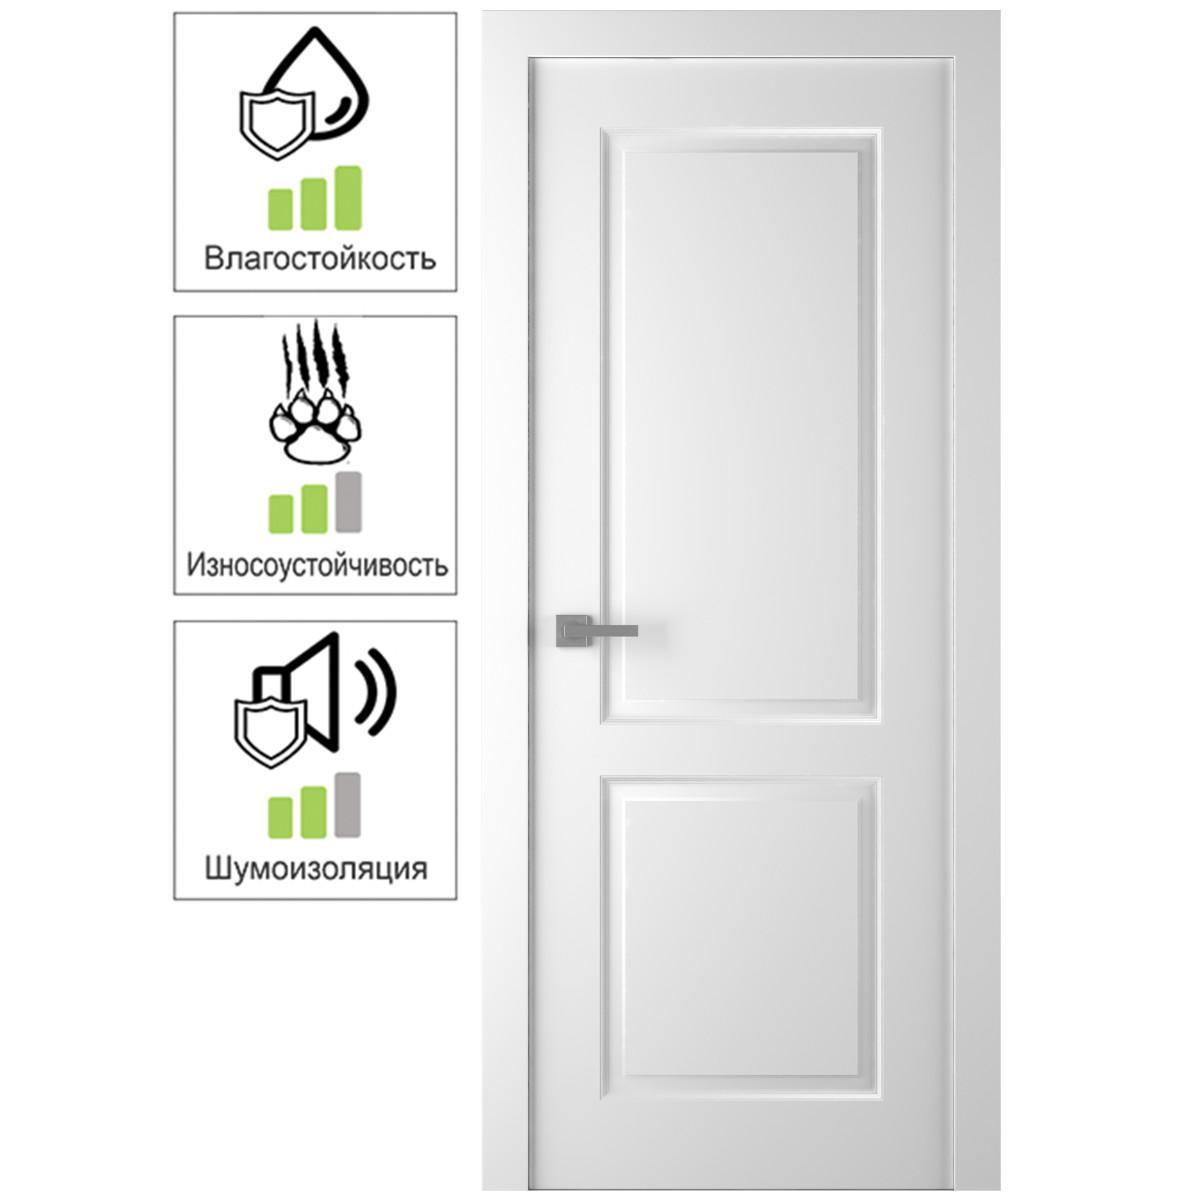 Дверь Межкомнатная Глухая Австралия 80x200 Цвет Белый